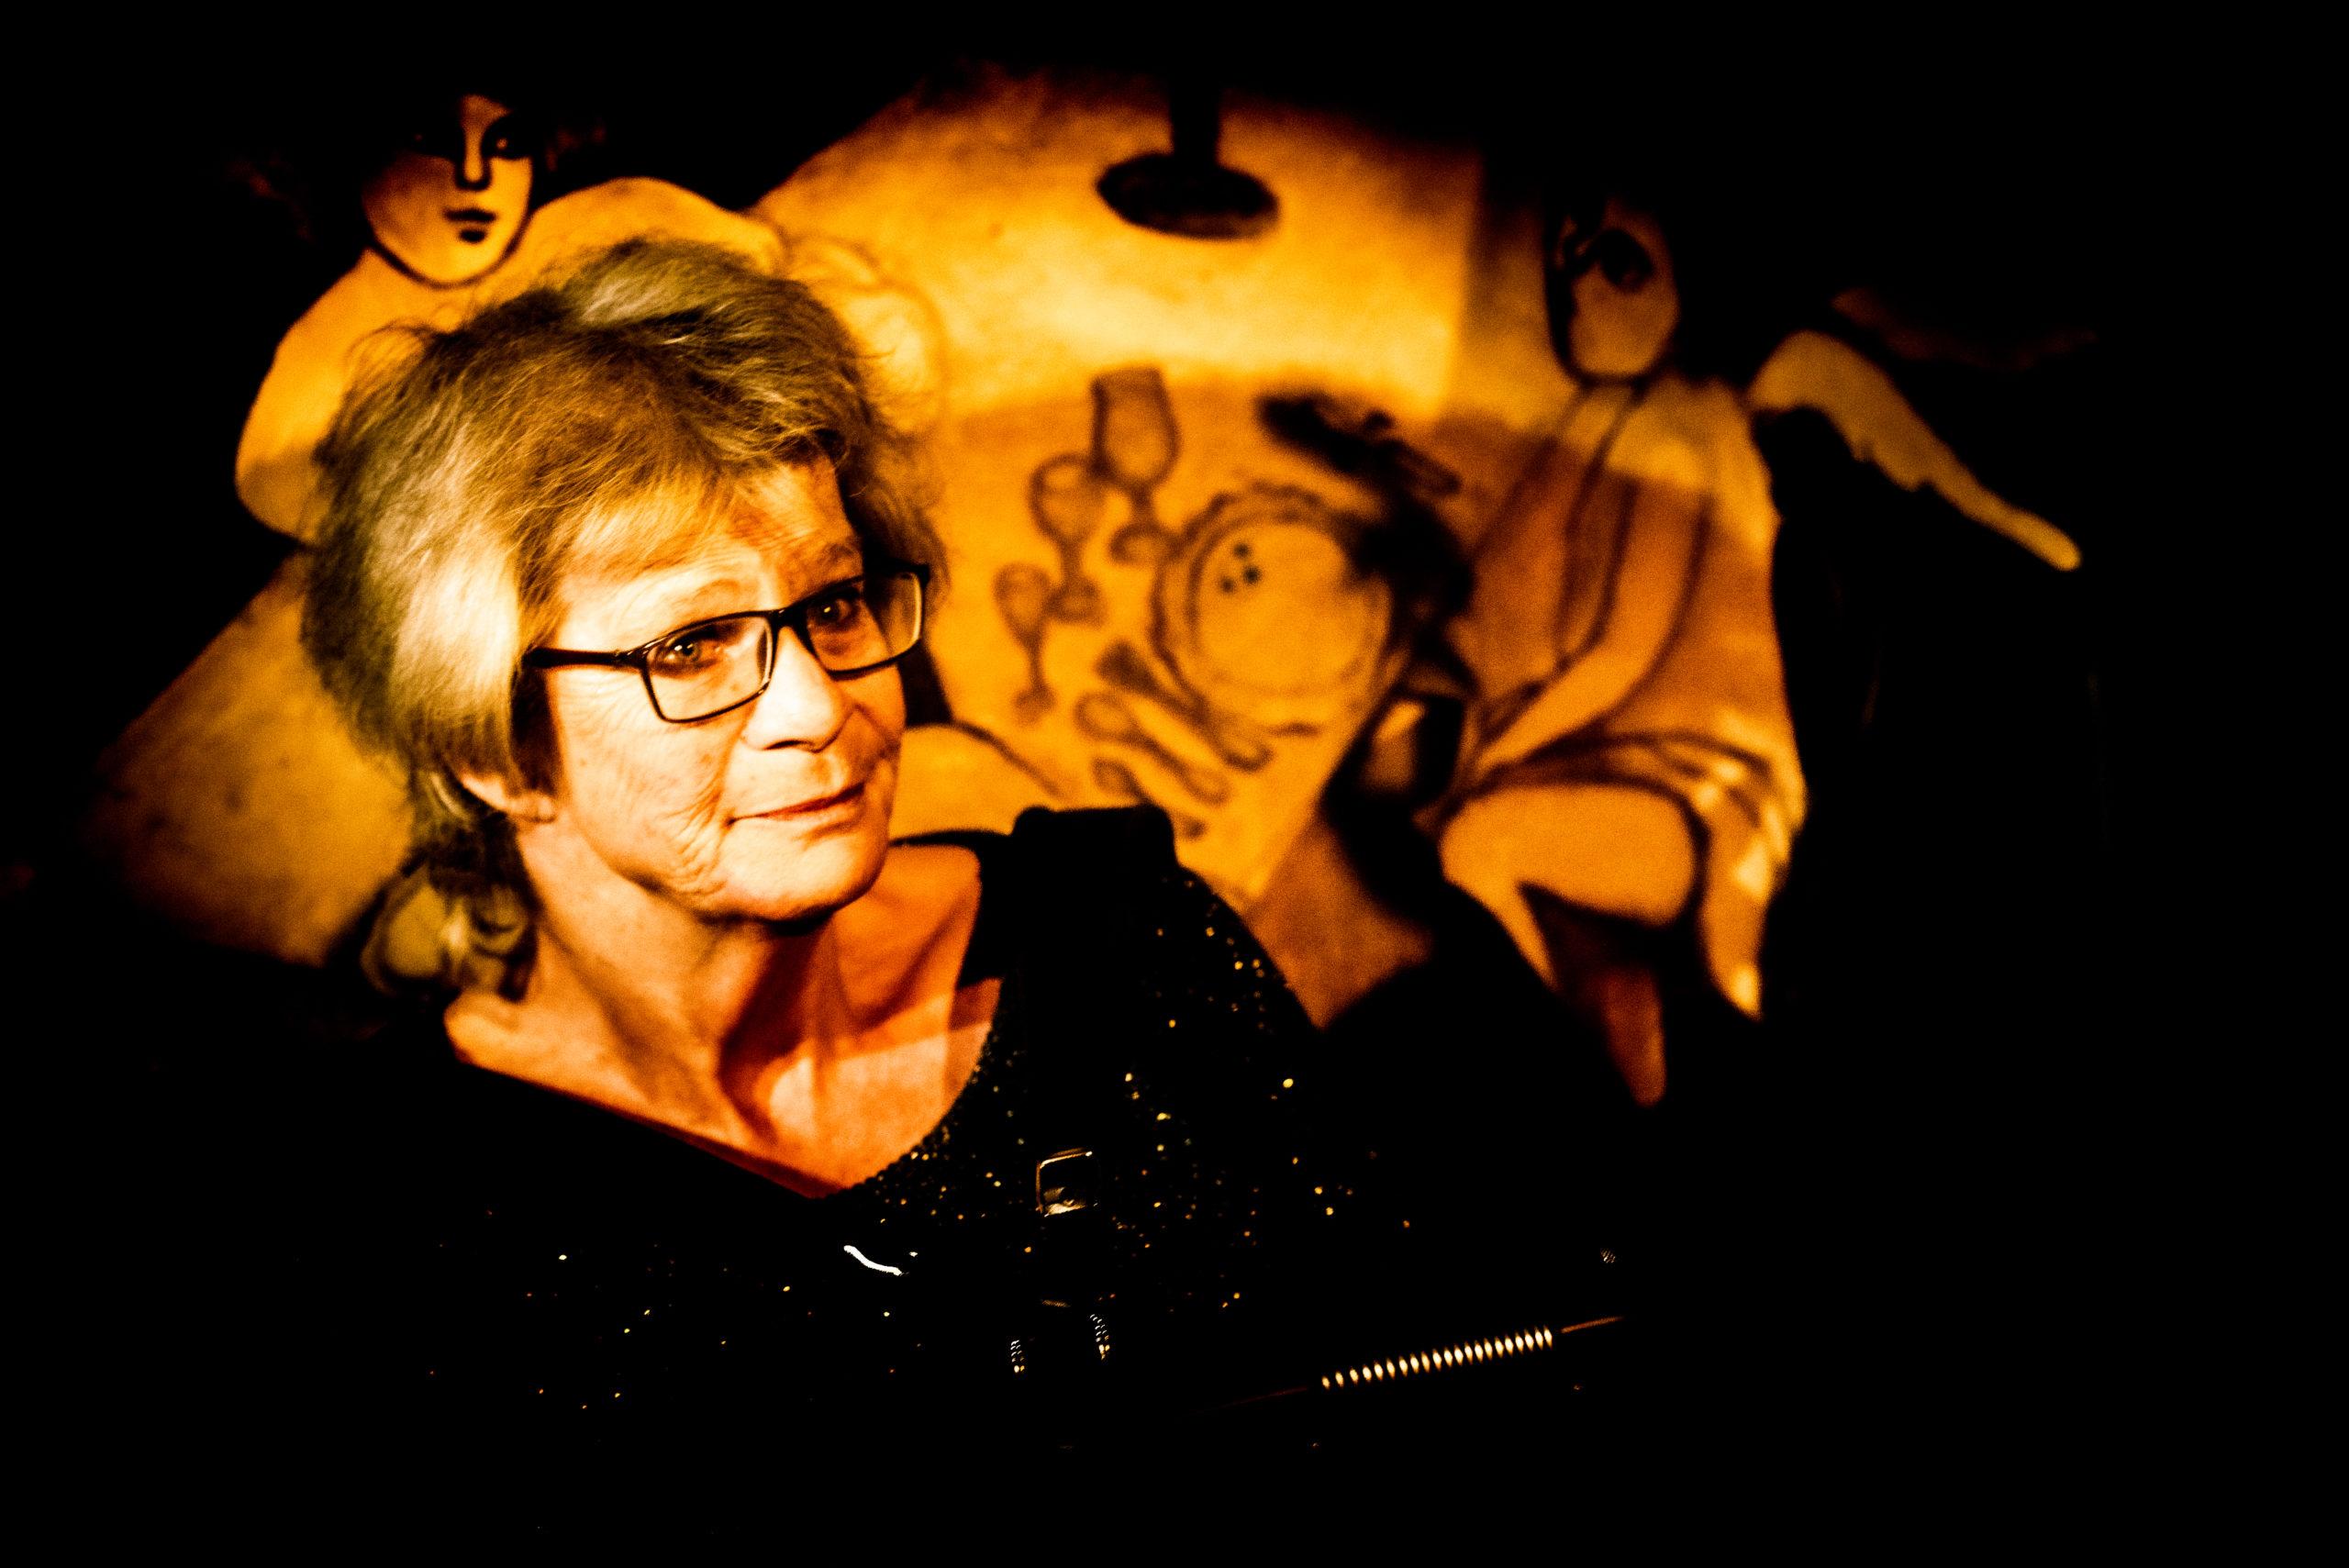 La pioche dans le dos & Marie-Claire et Sophie Solo · Festival des 40 ans @ La Bretelle · nov. 2019 · Olivier Carrard